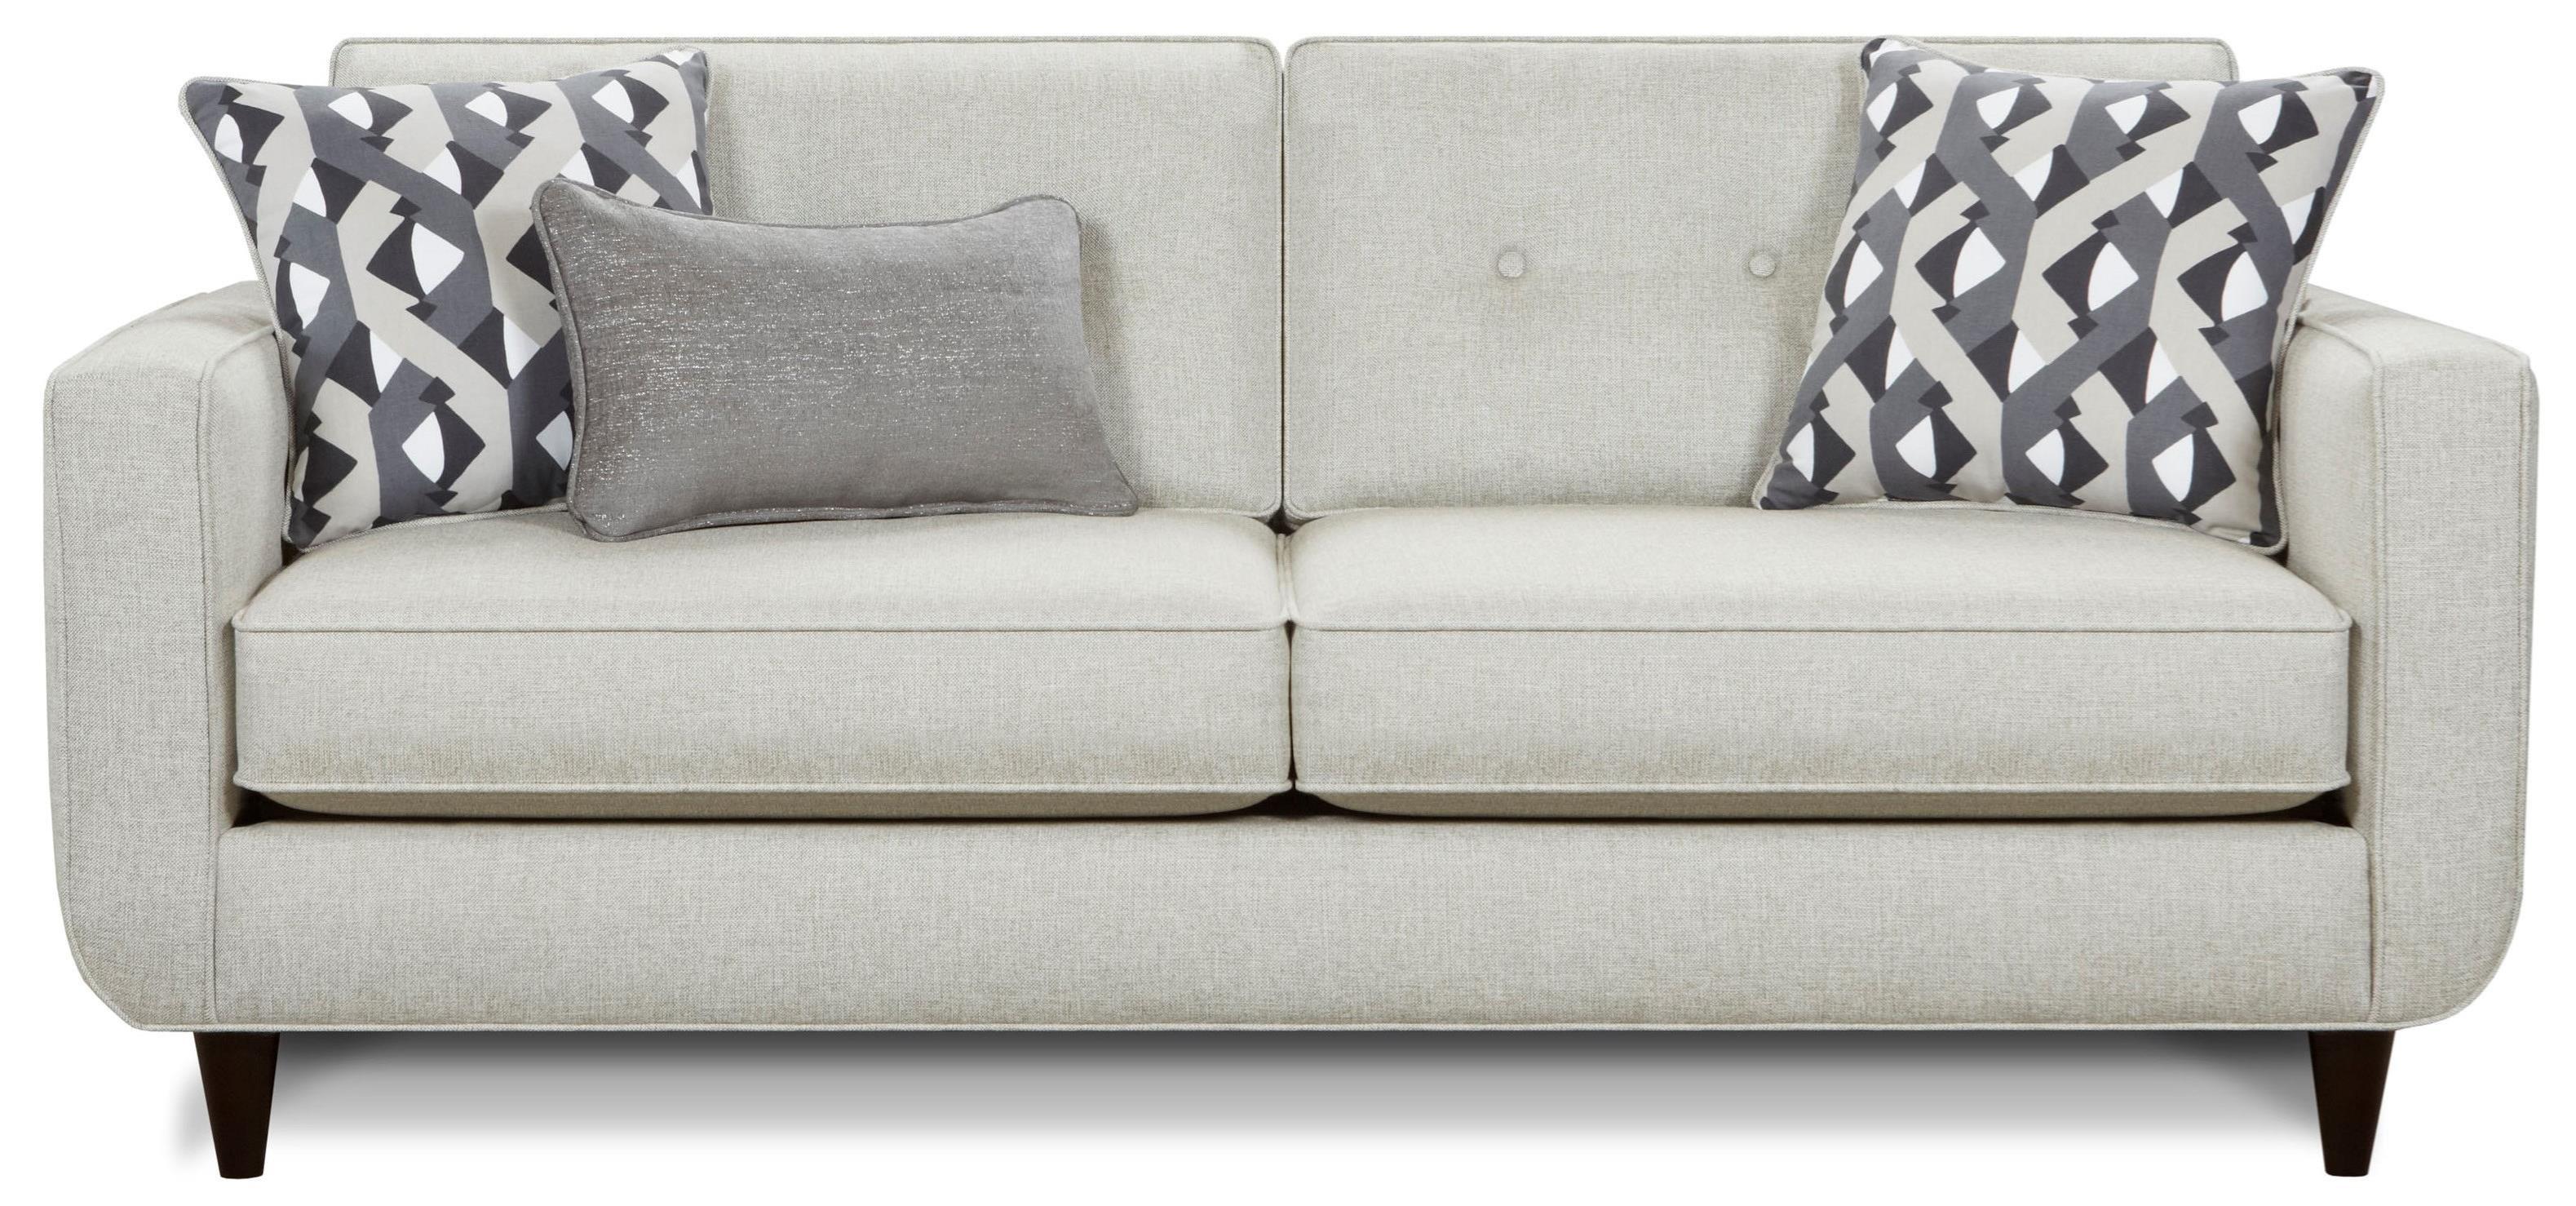 VFM Signature 1850 Sofa - Item Number: 1850-KPGrande Linen